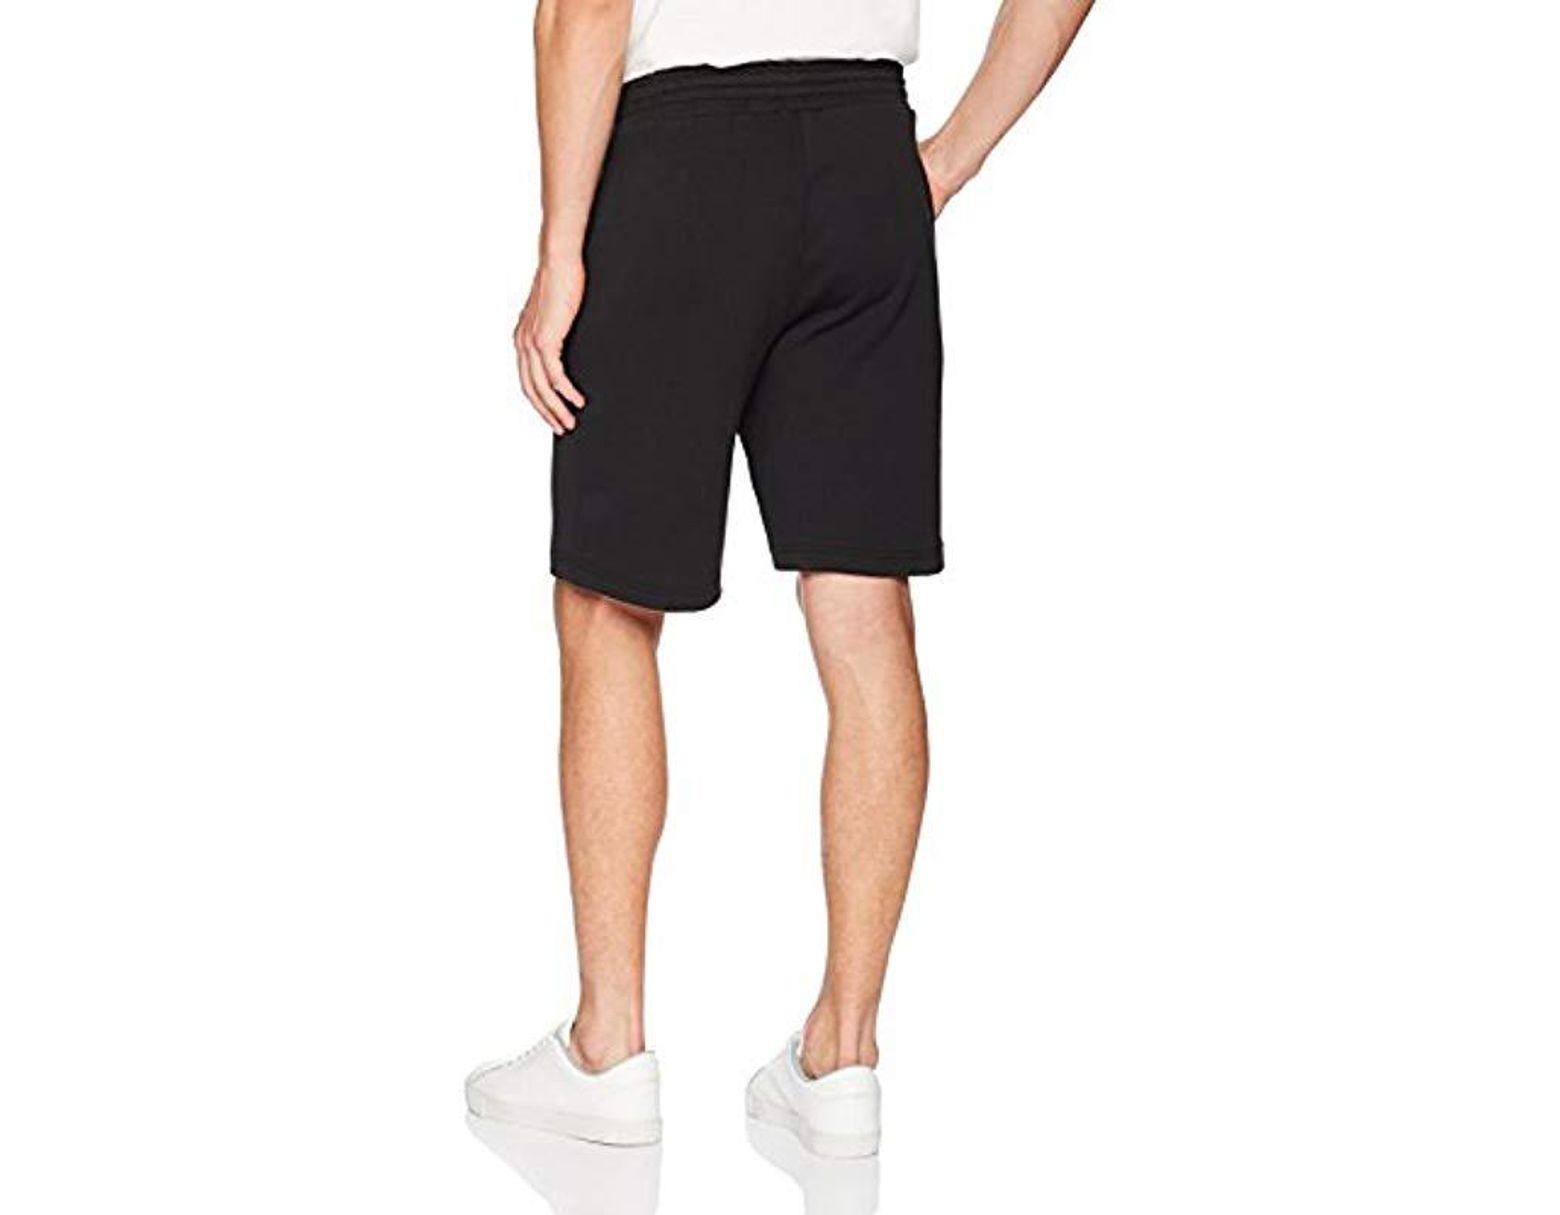 aaff644d0bc60 Men's Black Originals Eqt Shorts